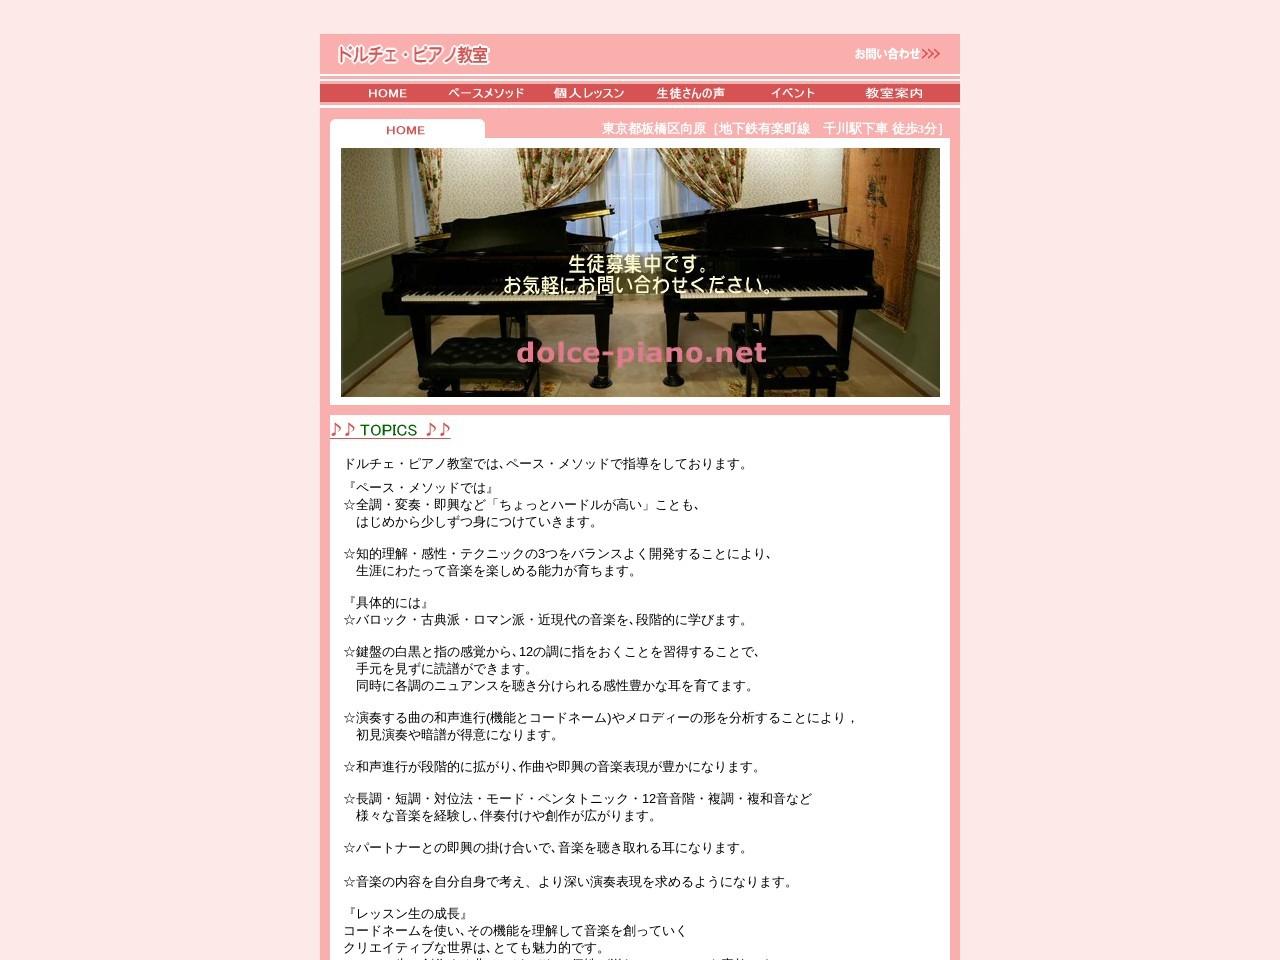 ドルチェ・ピアノ教室のサムネイル